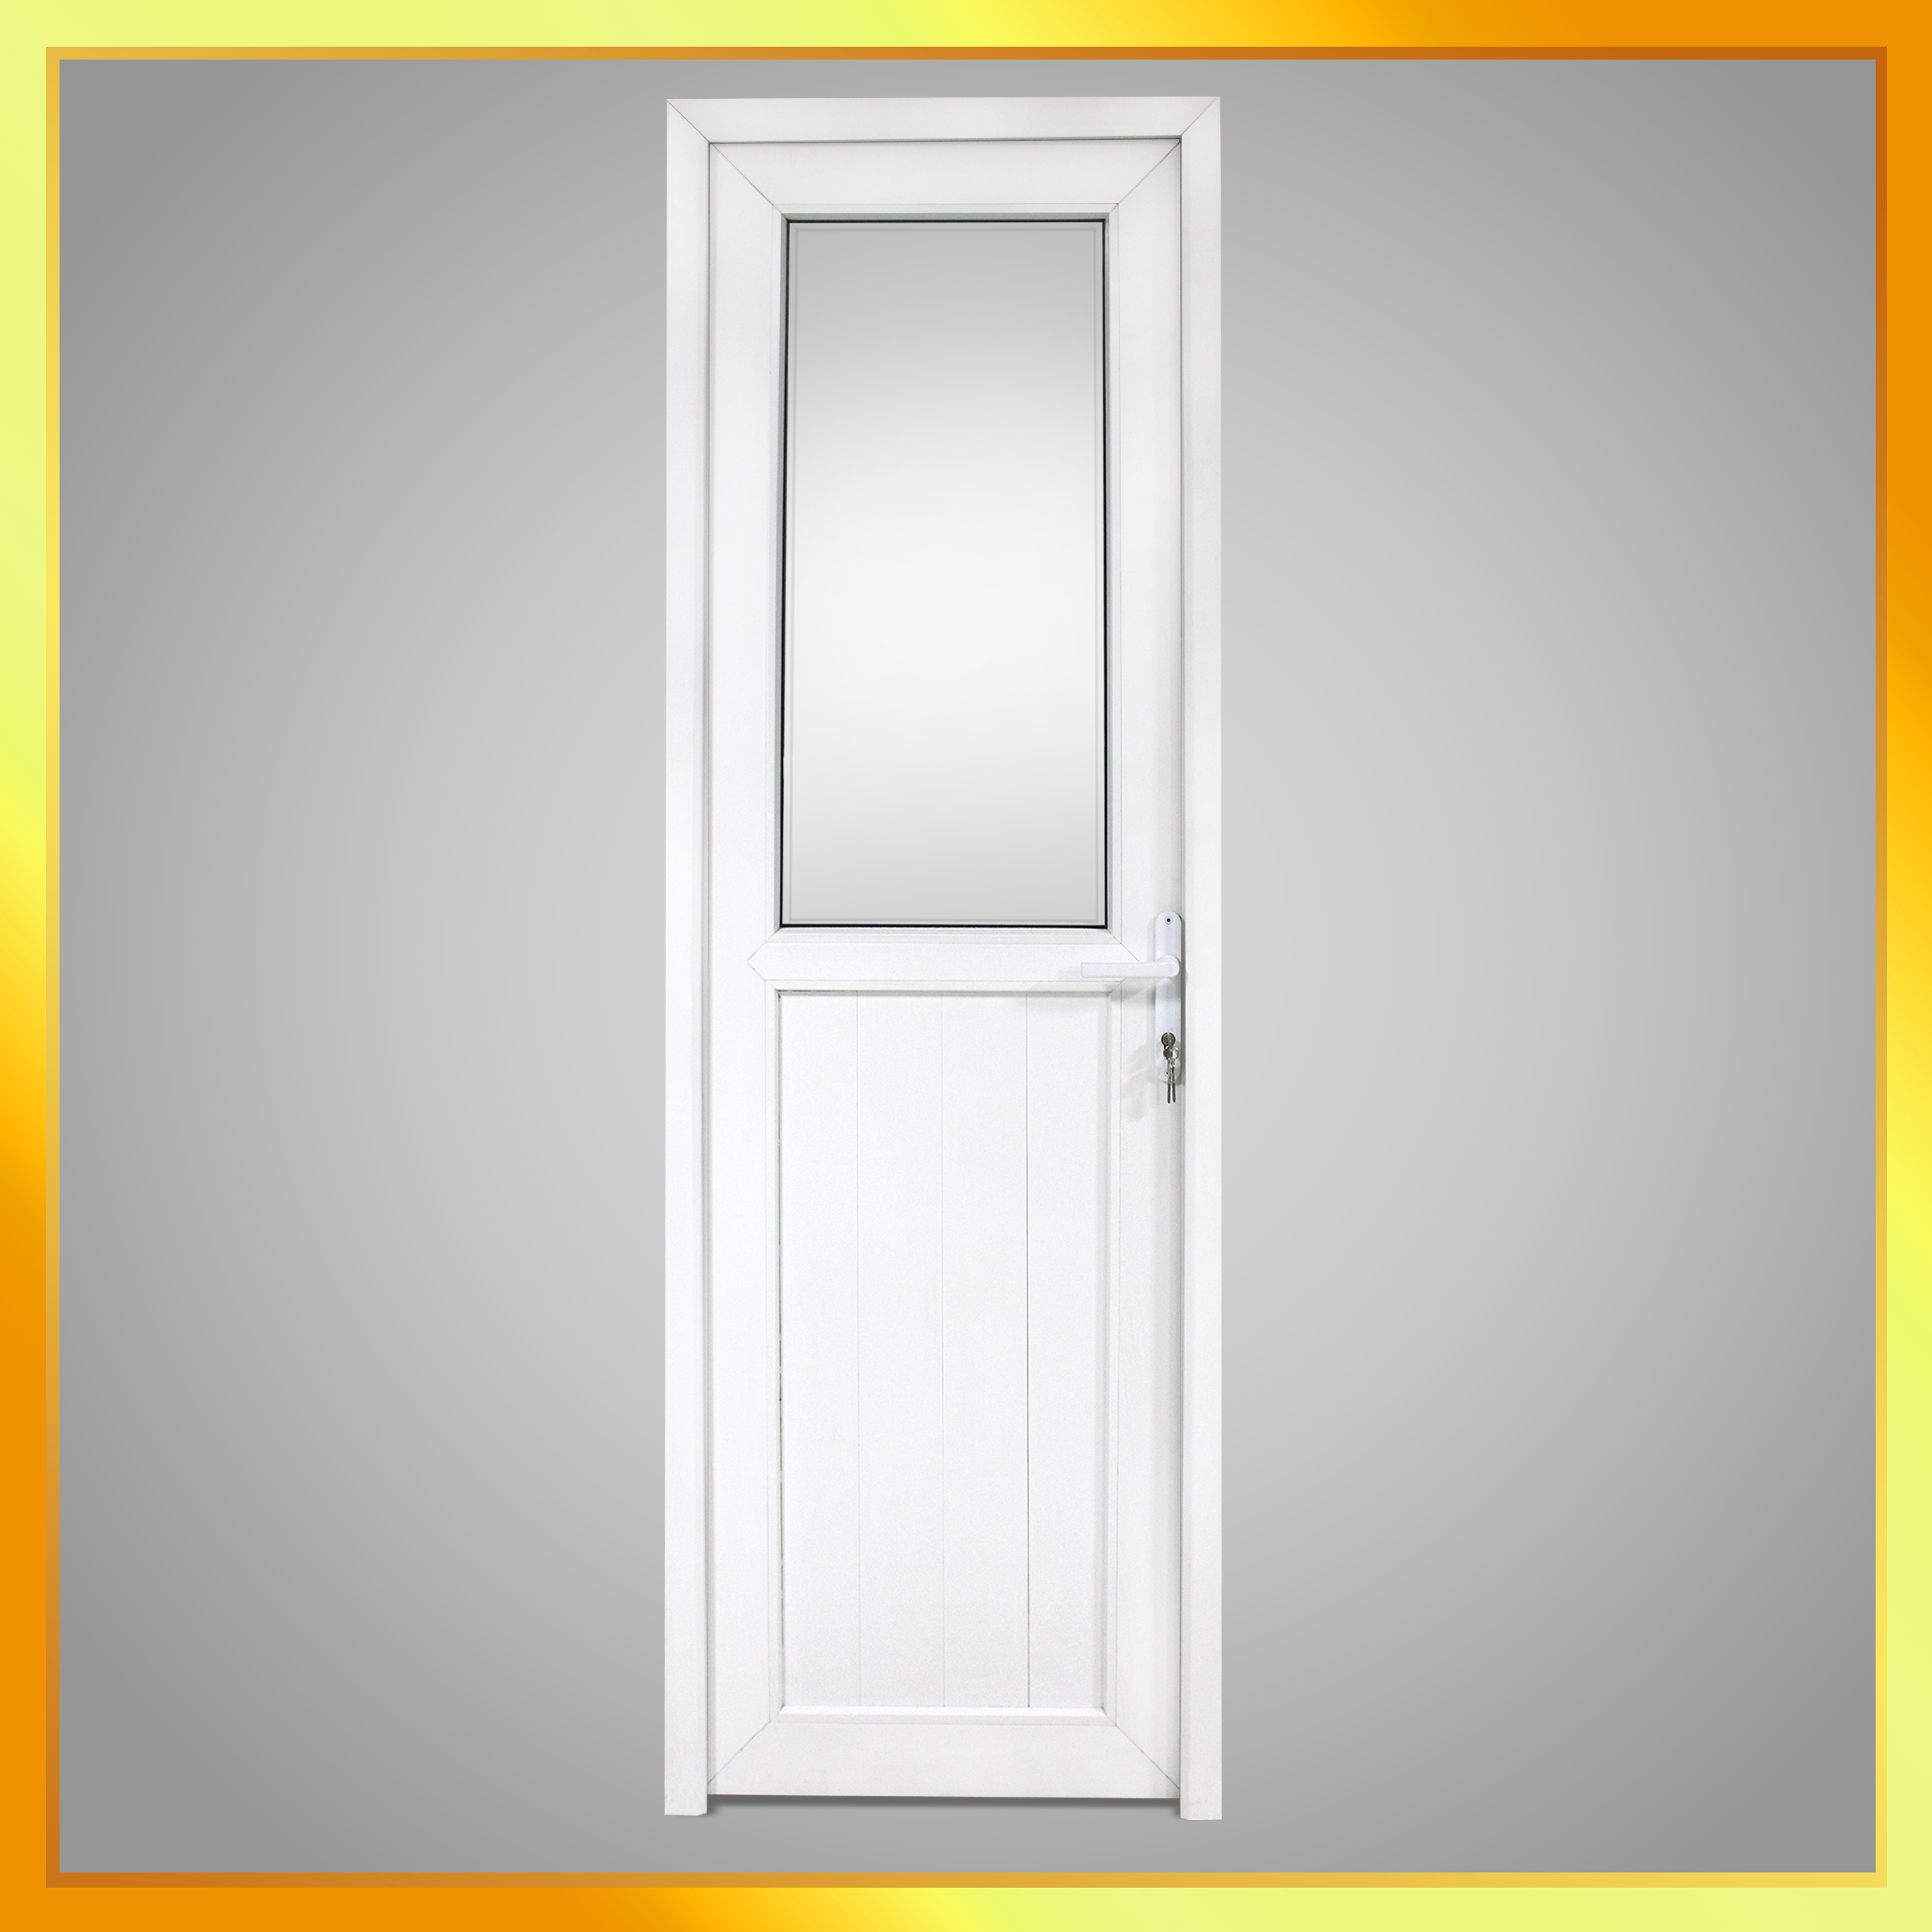 3 glass panel swinger door Swinging in Umhlanga, Gumtree Classifieds South Africa